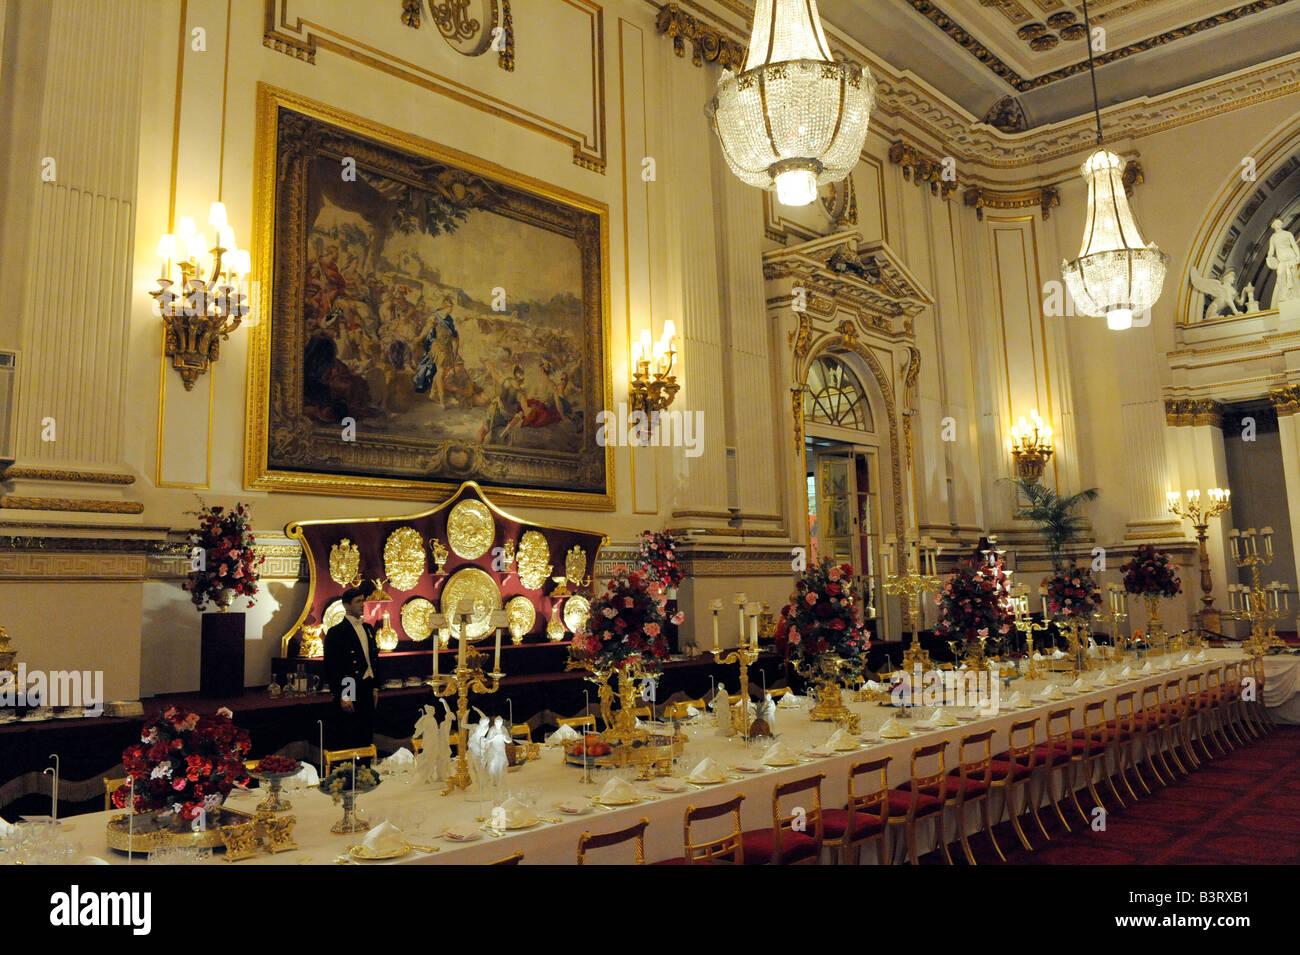 Sala Da The Londra.La Sala Da Ballo A Buckingham Palace A Londra Inghilterra